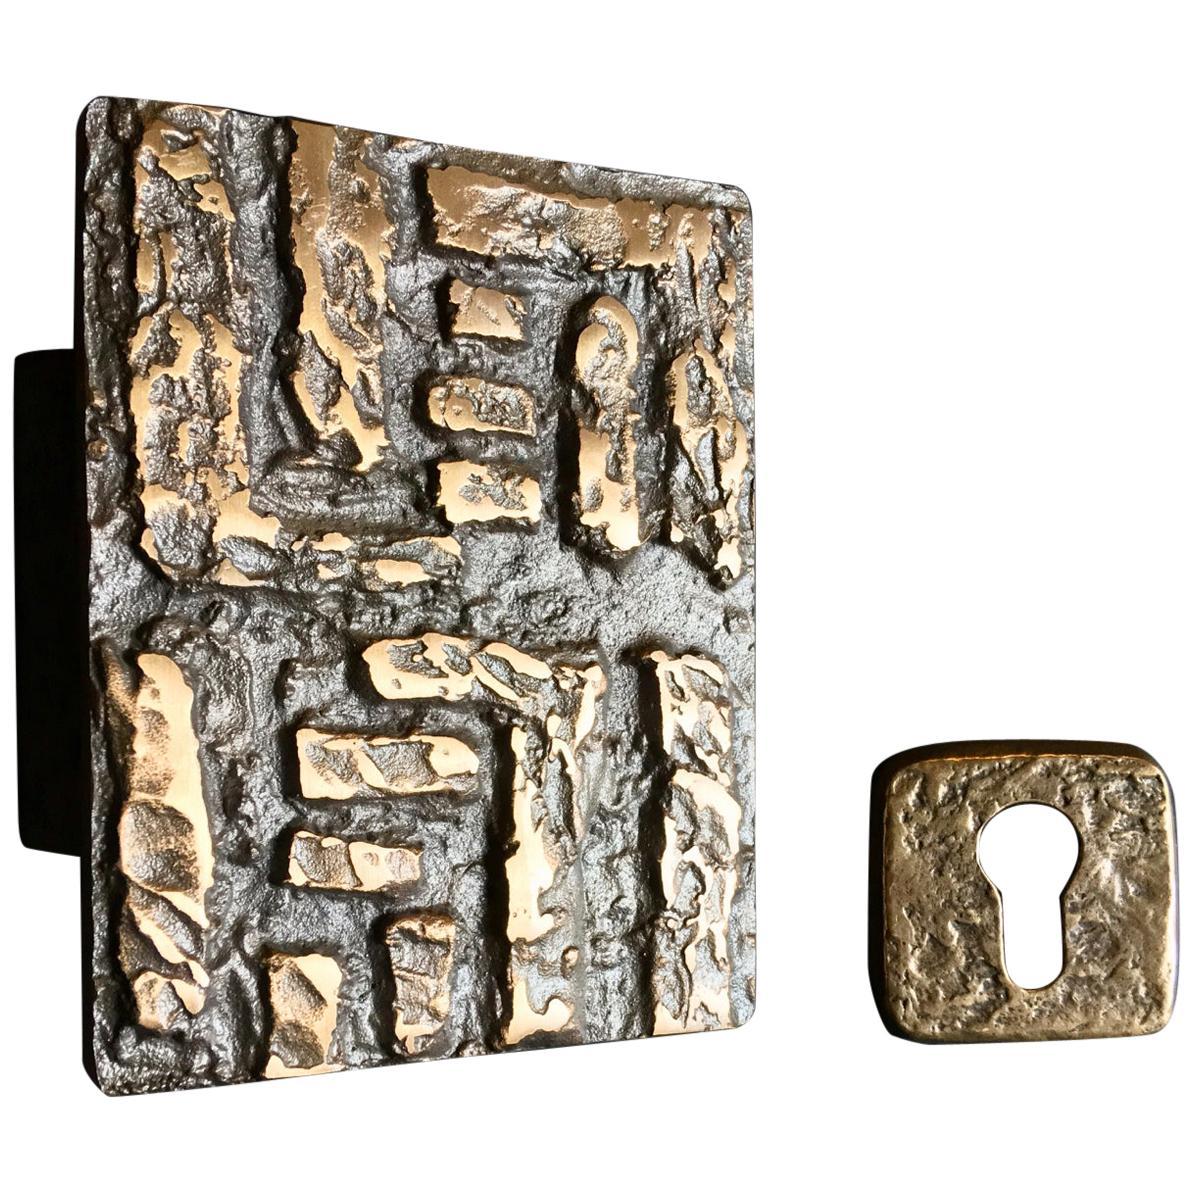 Mid-Century Modern Abstract Bronze Door Handle and Escutcheon, European, 1960s